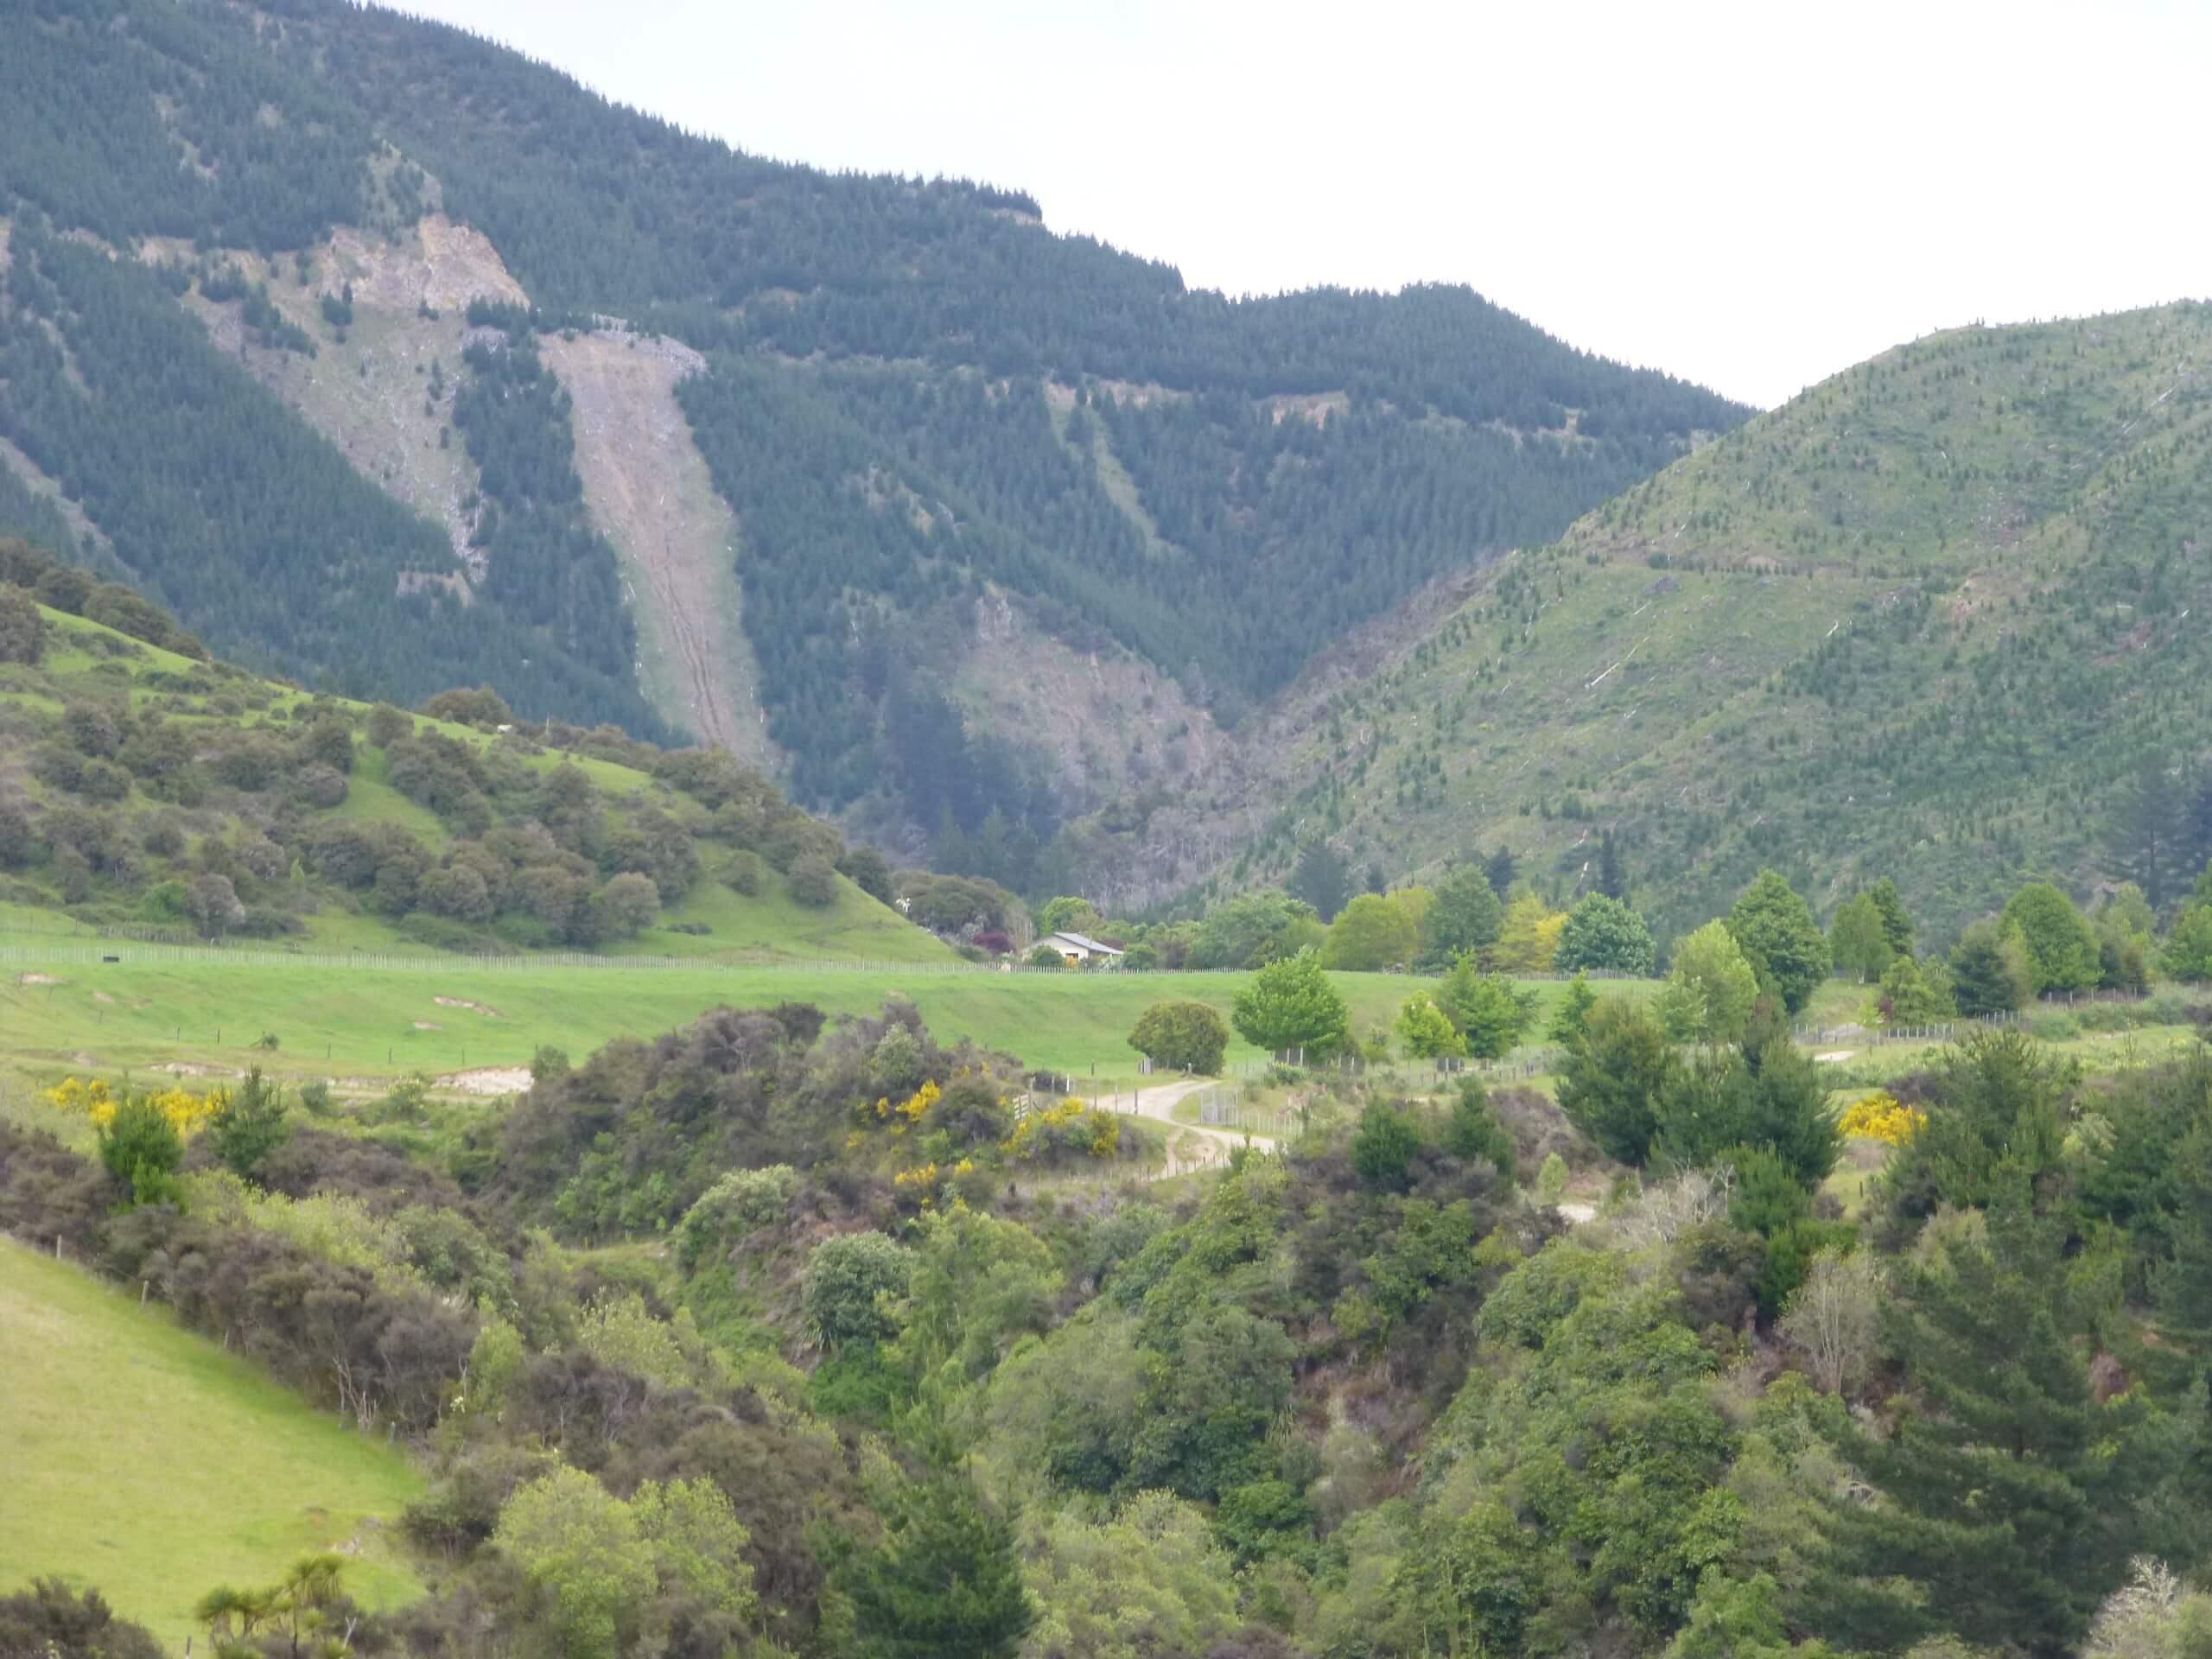 Weit weg Reisen, im Tal des Mōhaka River, die Mountain Valley Adventures Lodge 6